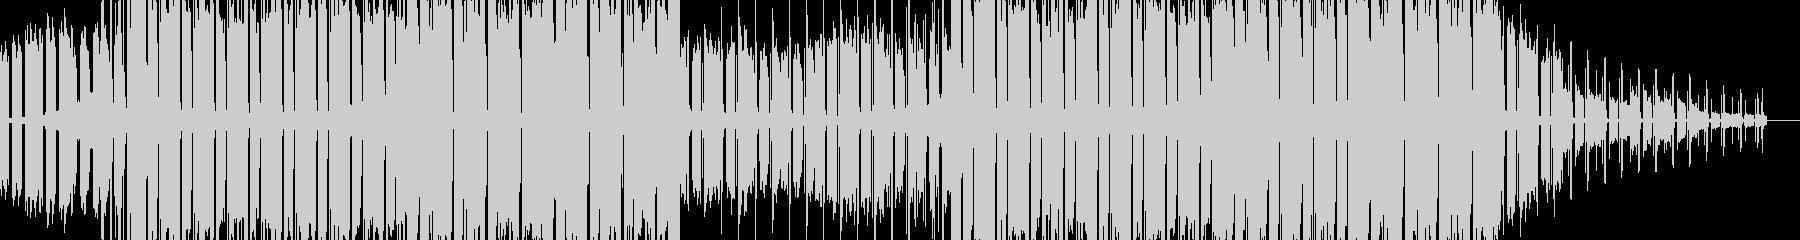 レトロ ビンテージ 電気ピアノ 臓...の未再生の波形